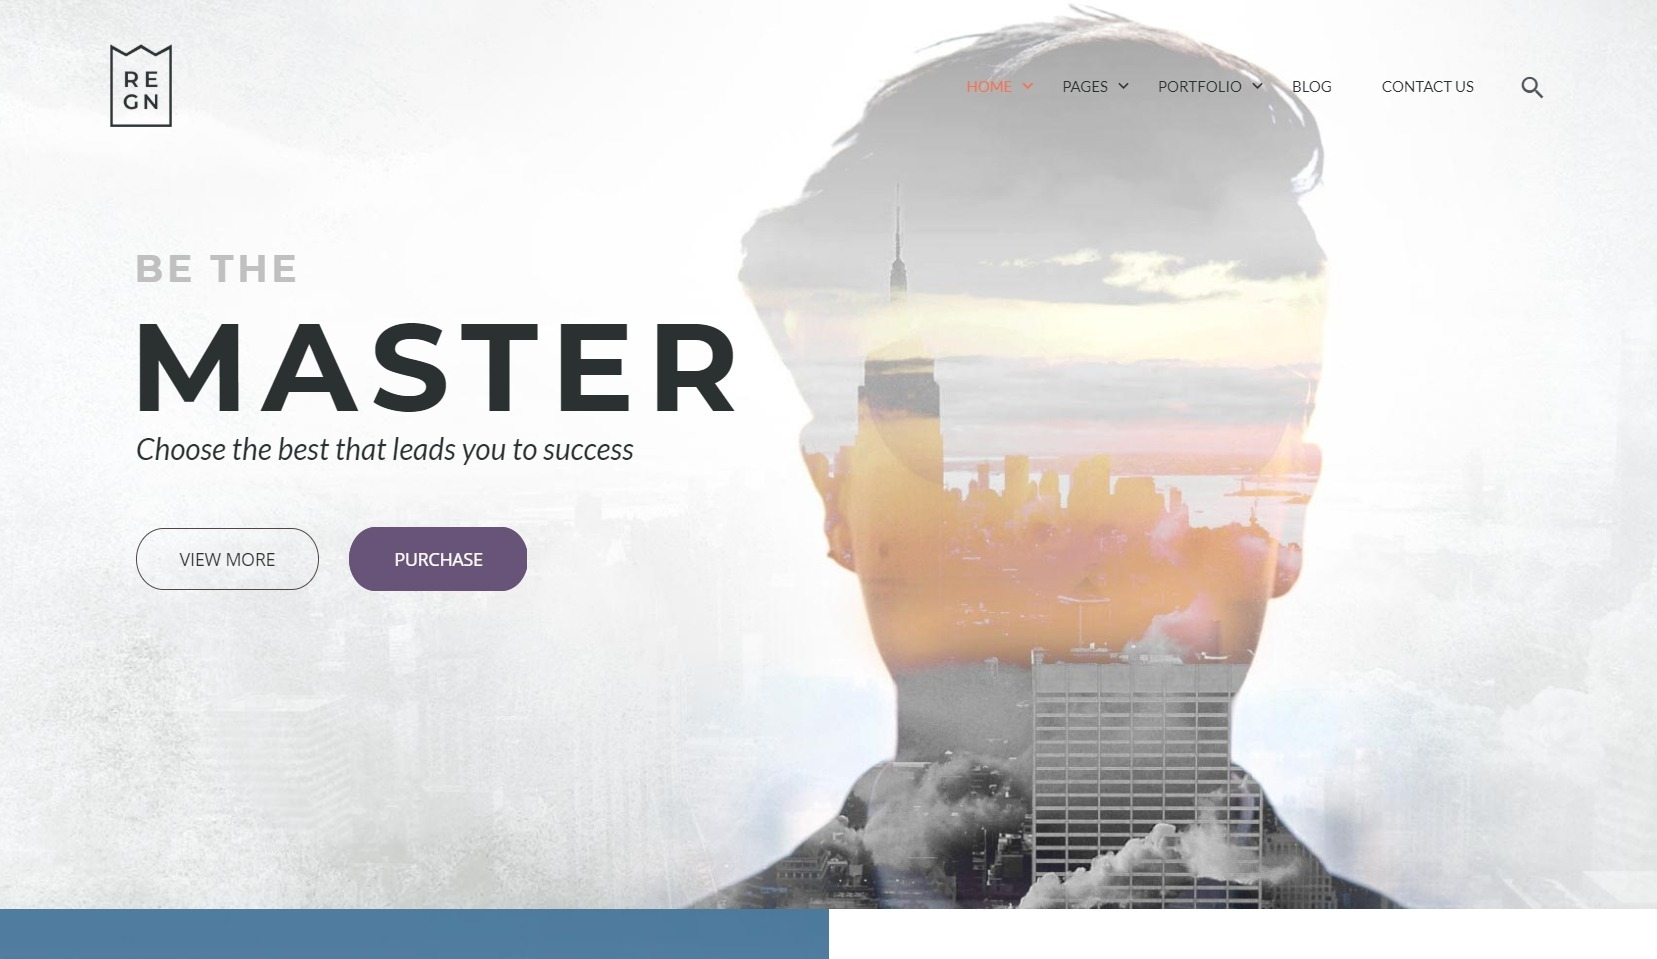 Regn Simple Minimalist WordPress Theme